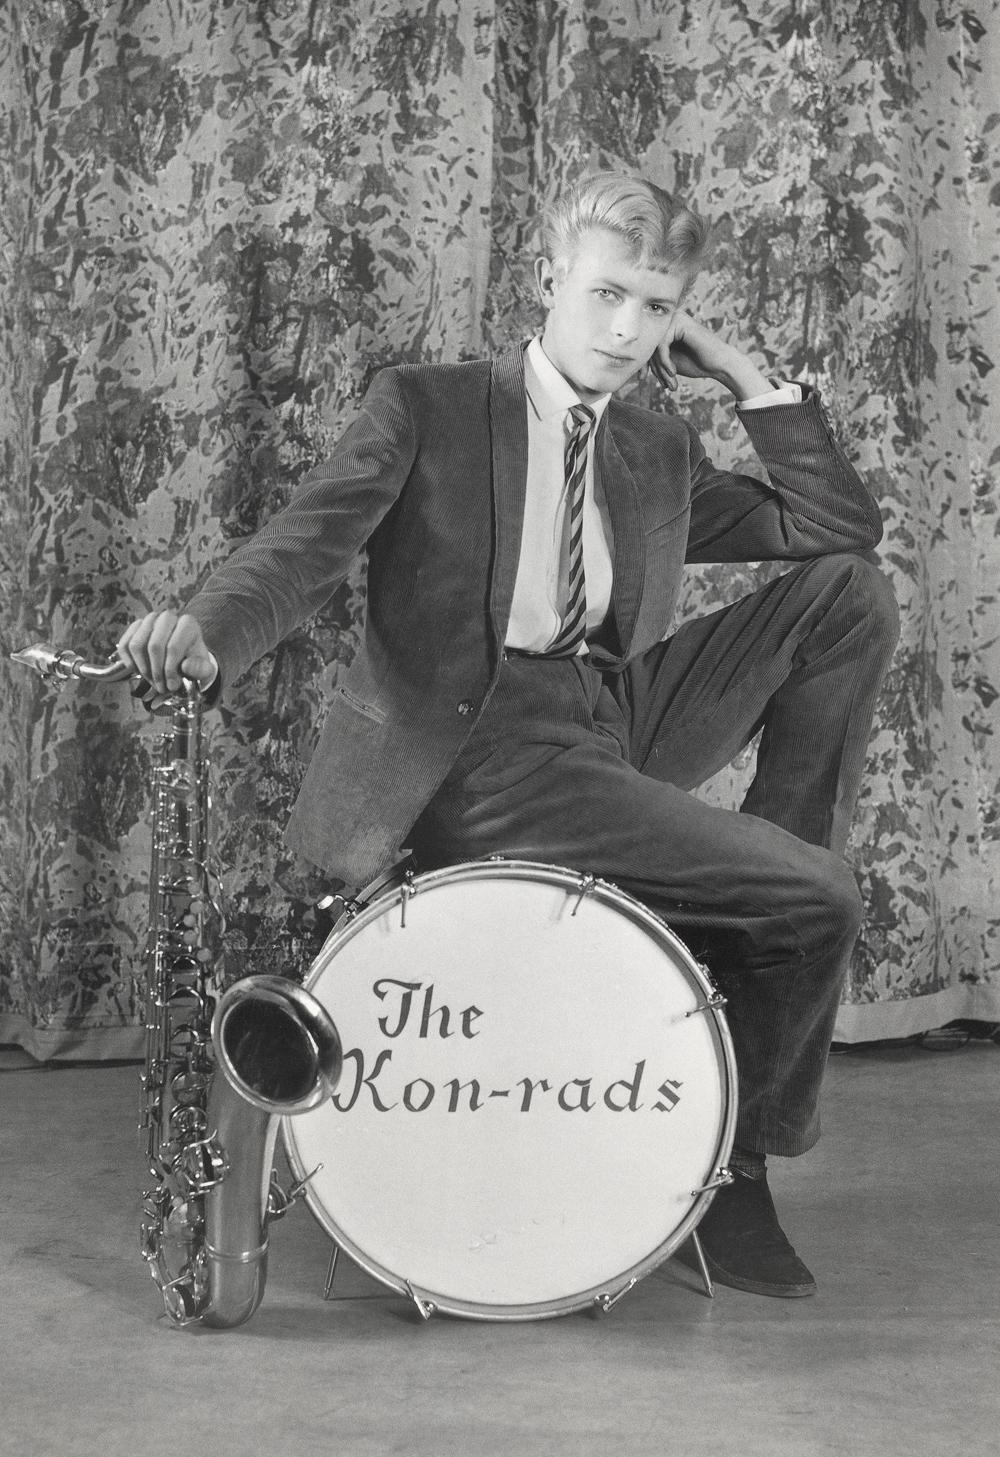 David Bowie en The Kon-Rads, en 1963. Fuente: theyouthquake.com